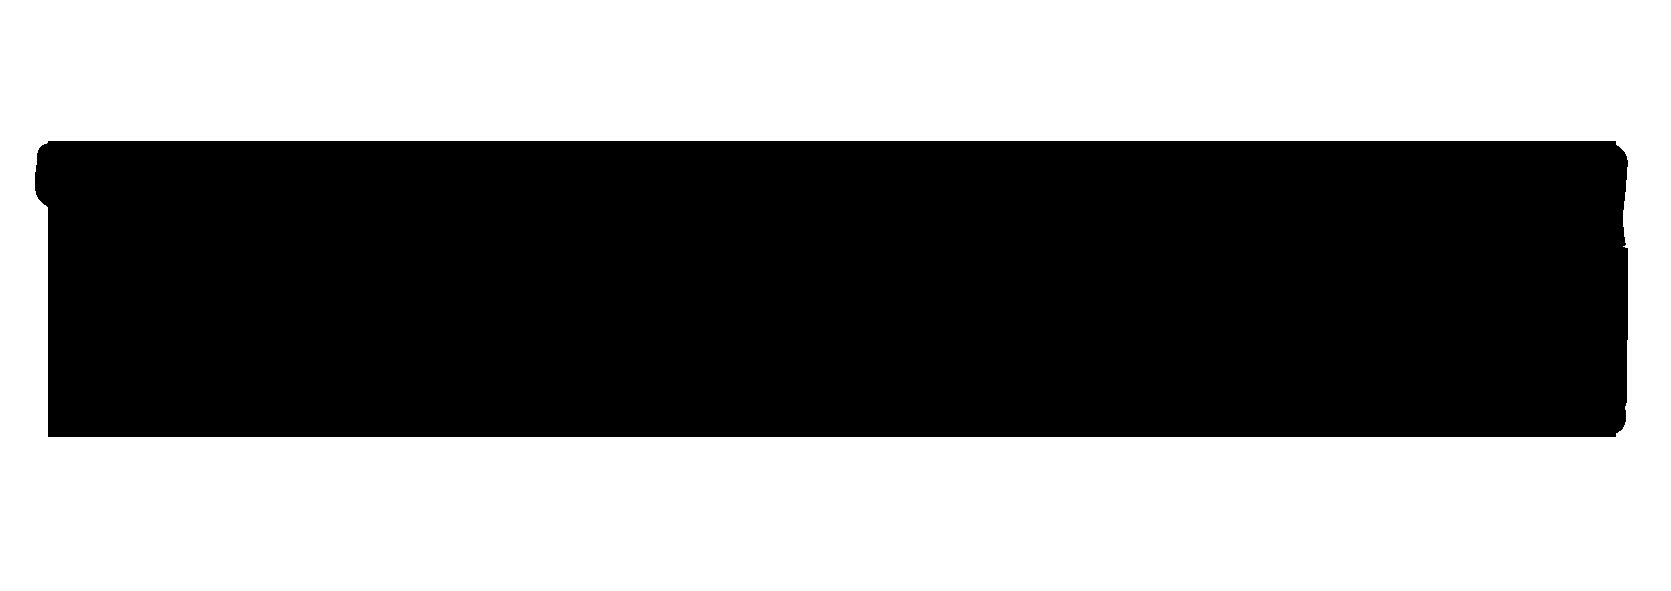 Tritanium logo